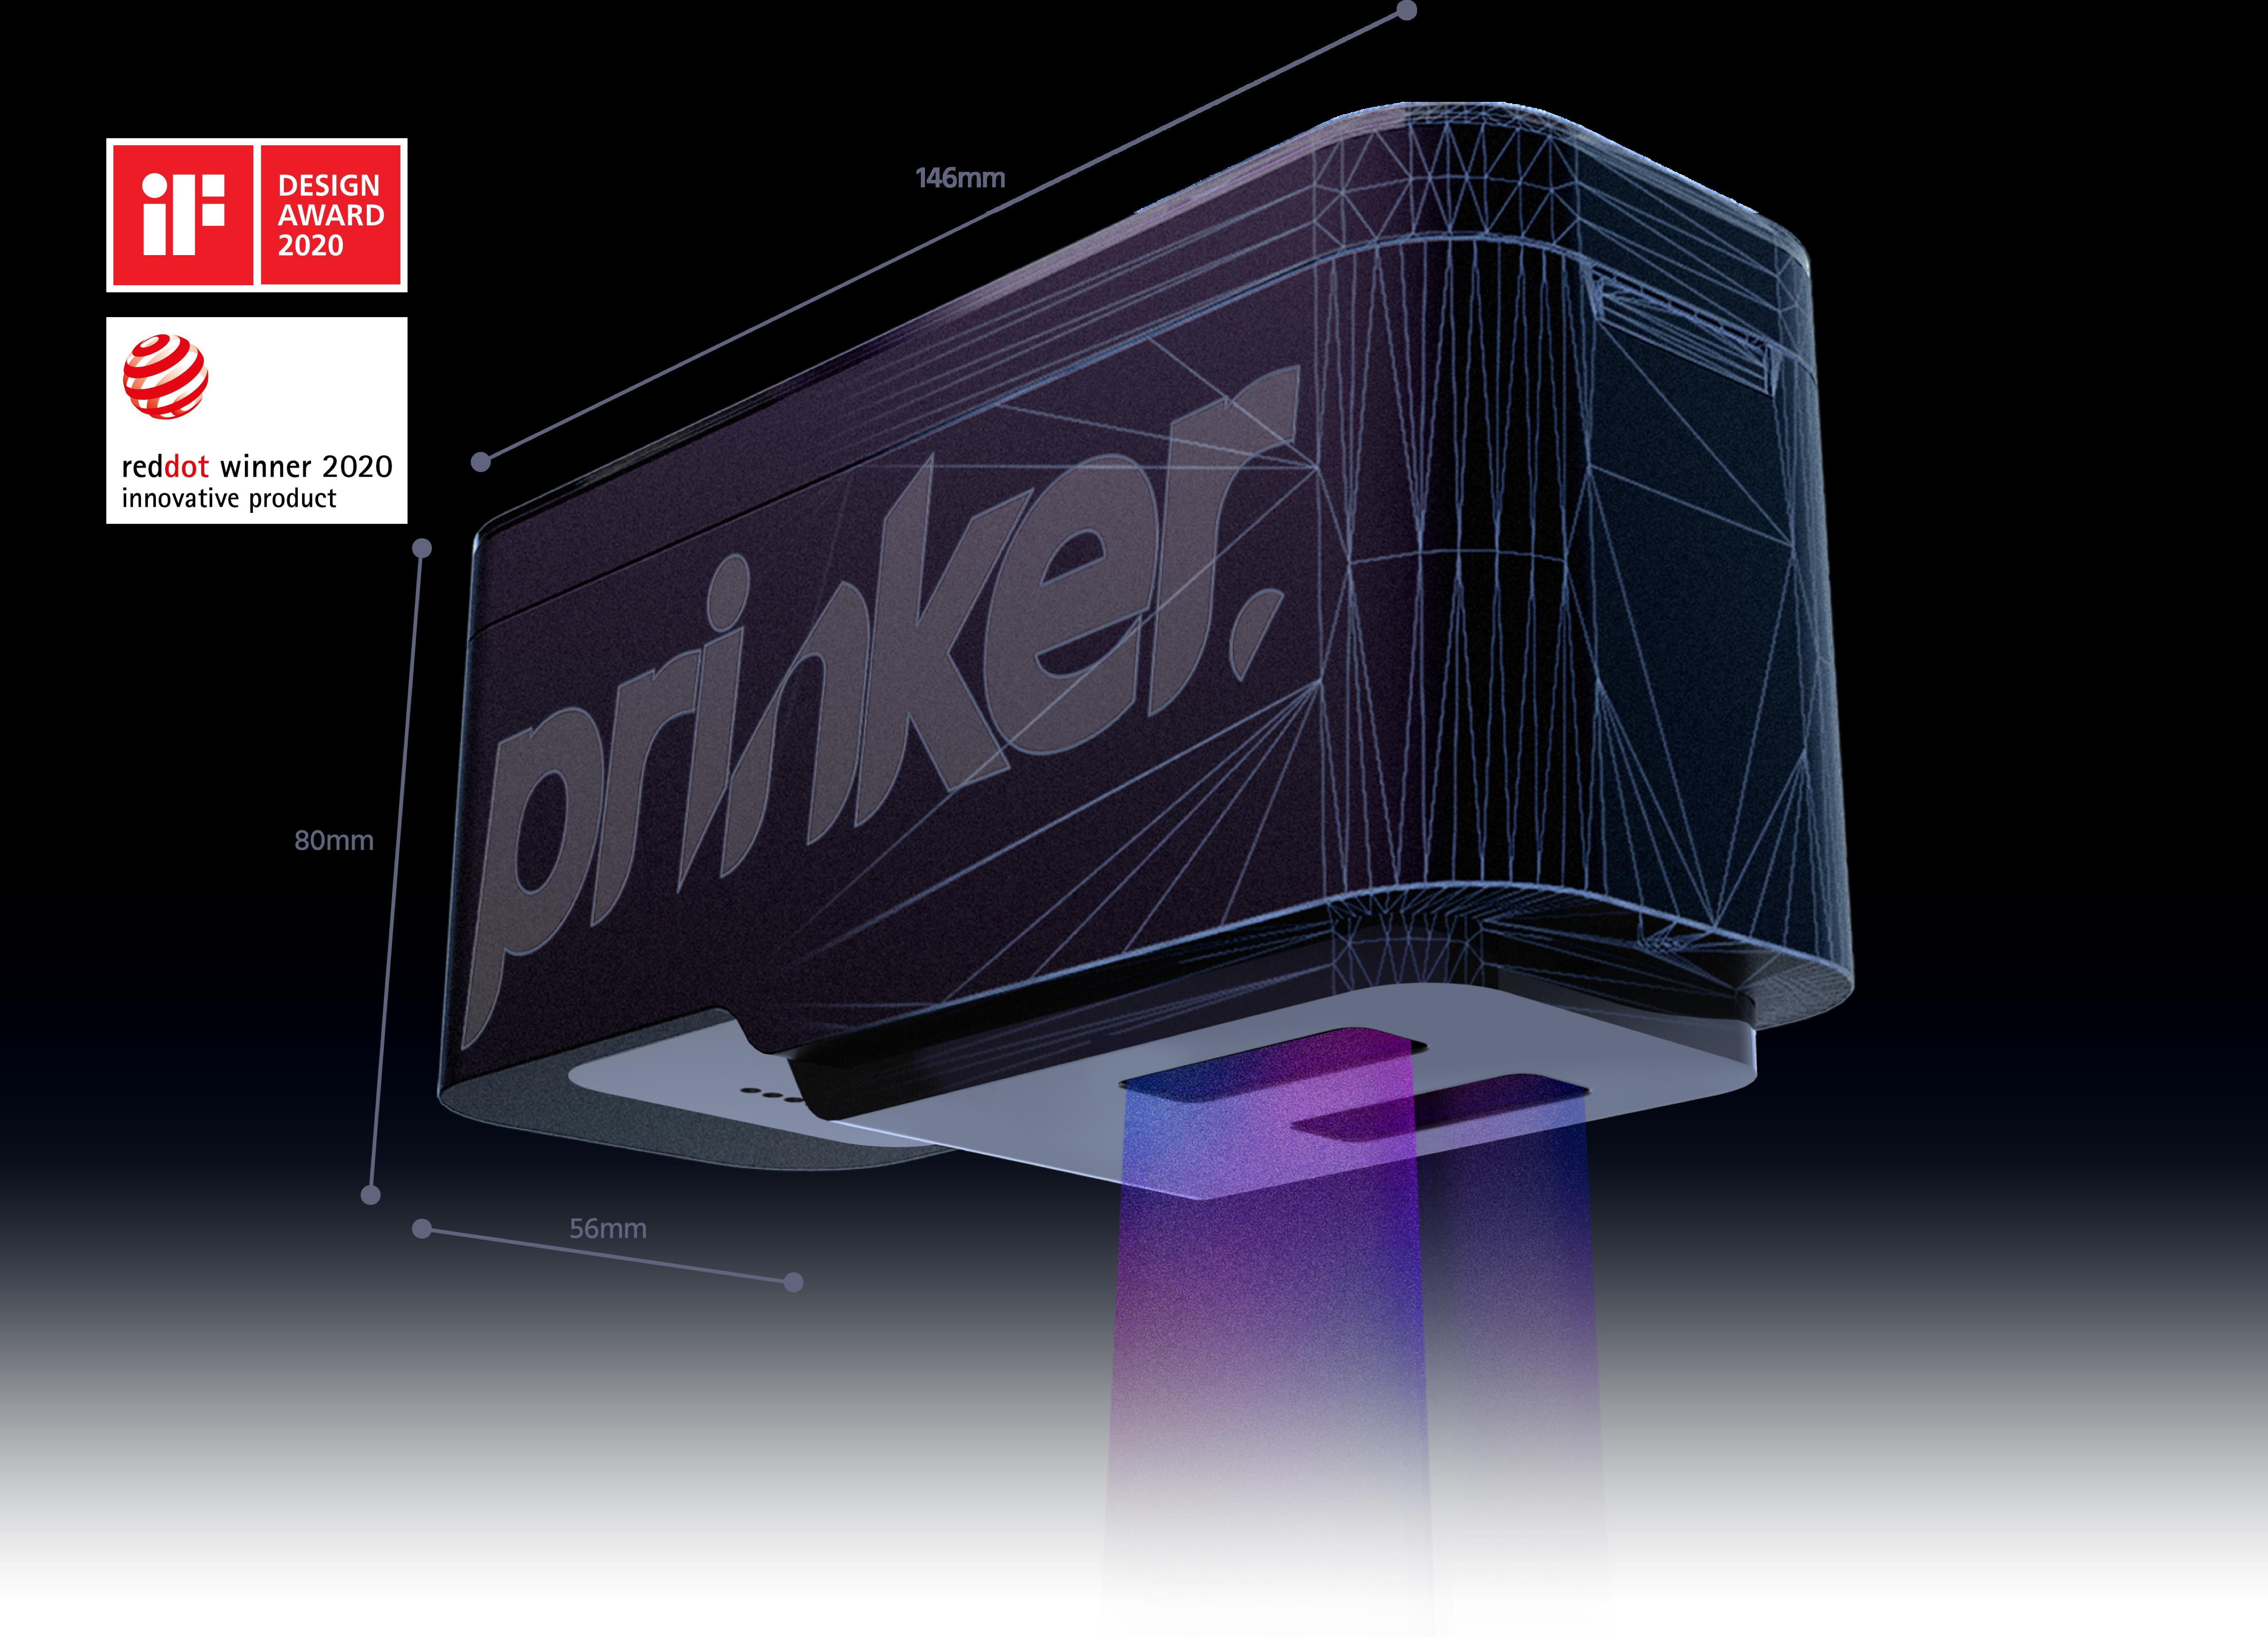 prinker image02